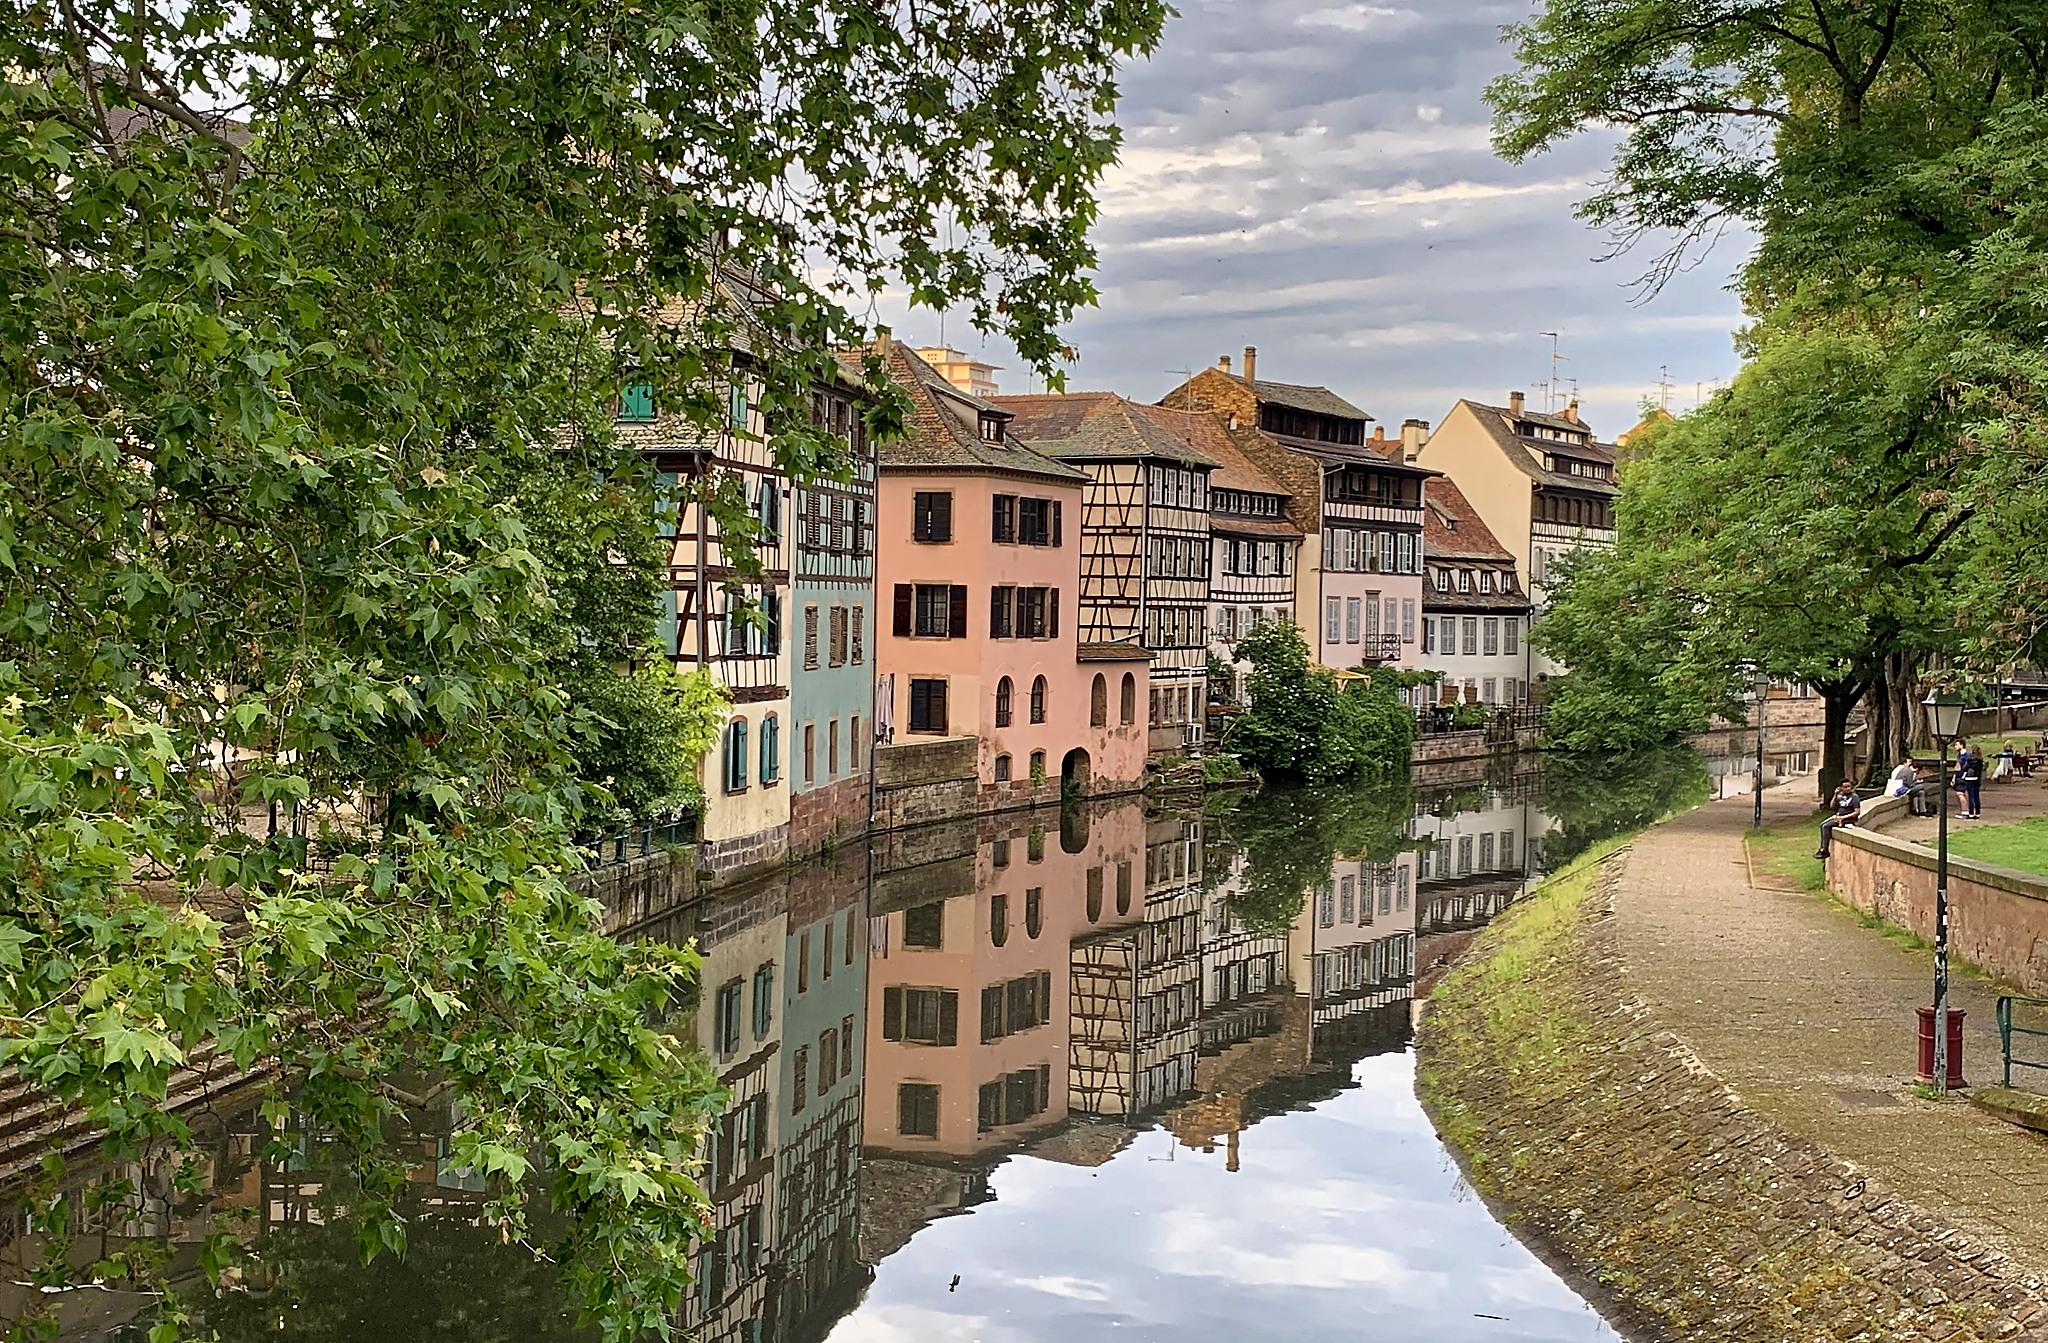 visiter Strasbourg lors d'un week-end au fil de l'eau